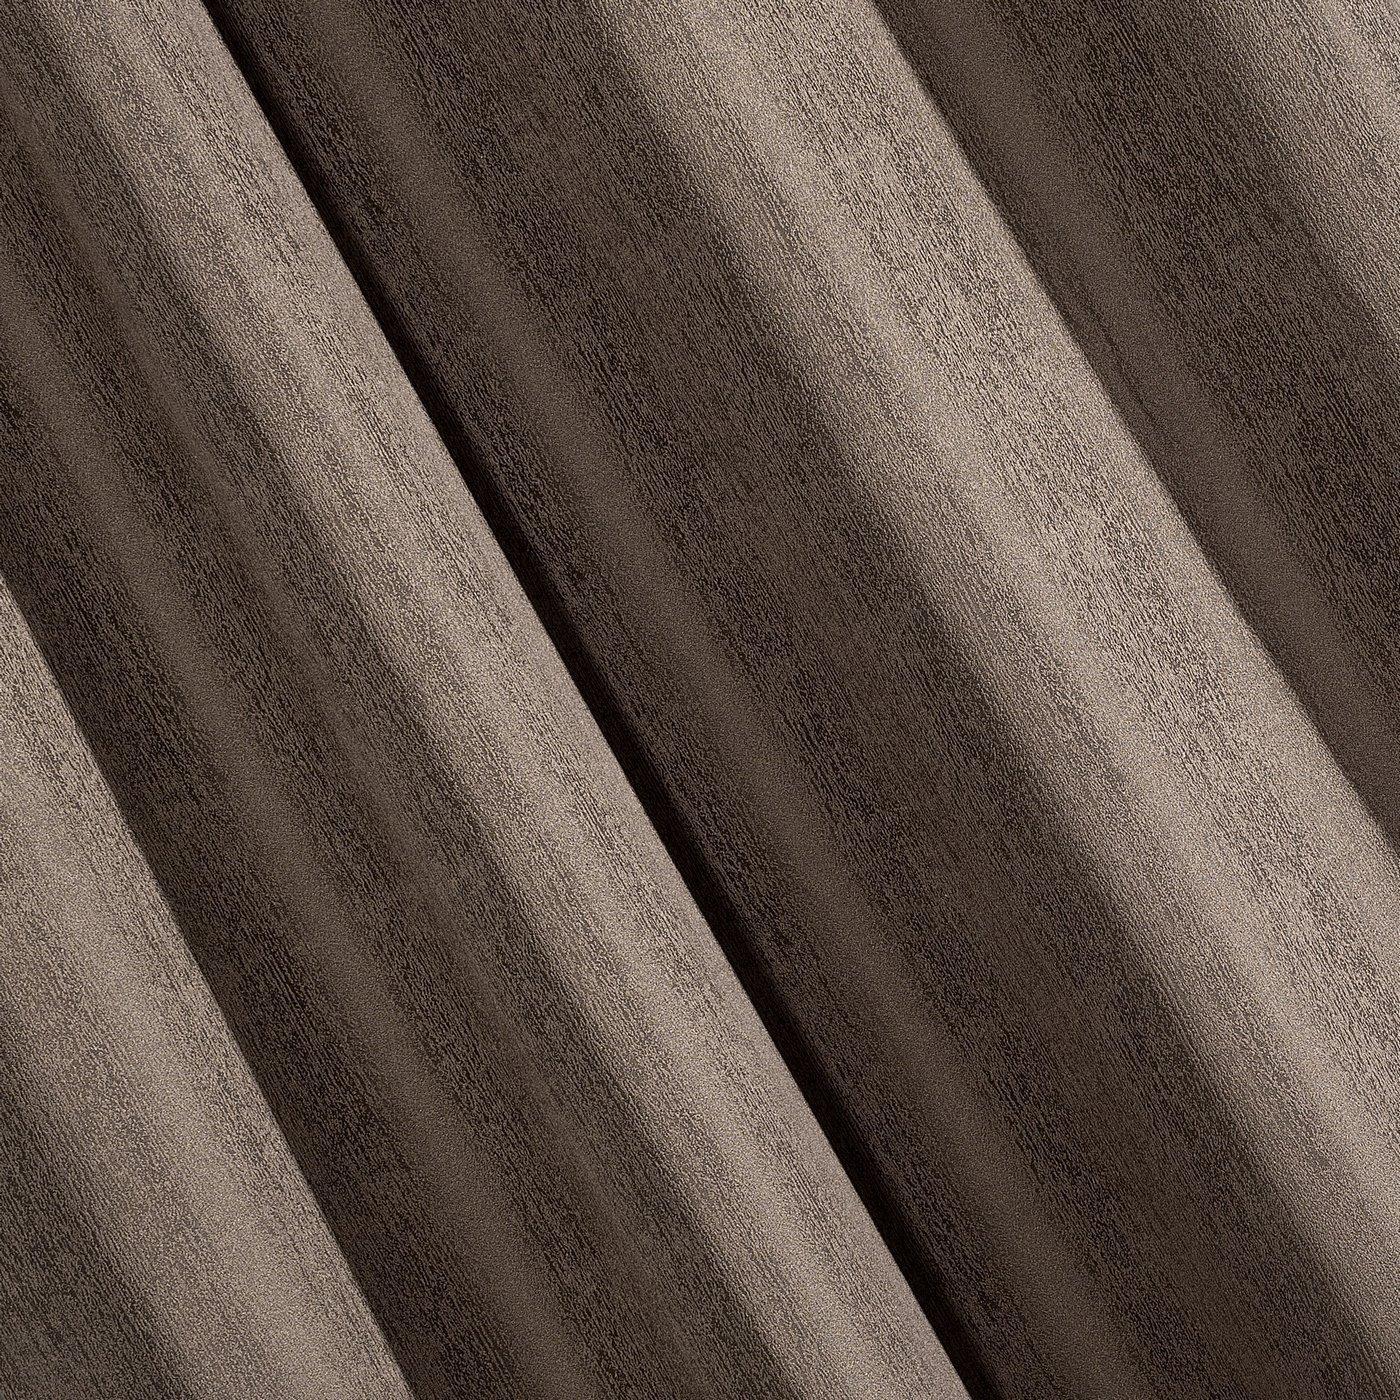 Zasłona subtelny marmurkowy wzór brązowa 140x250cm